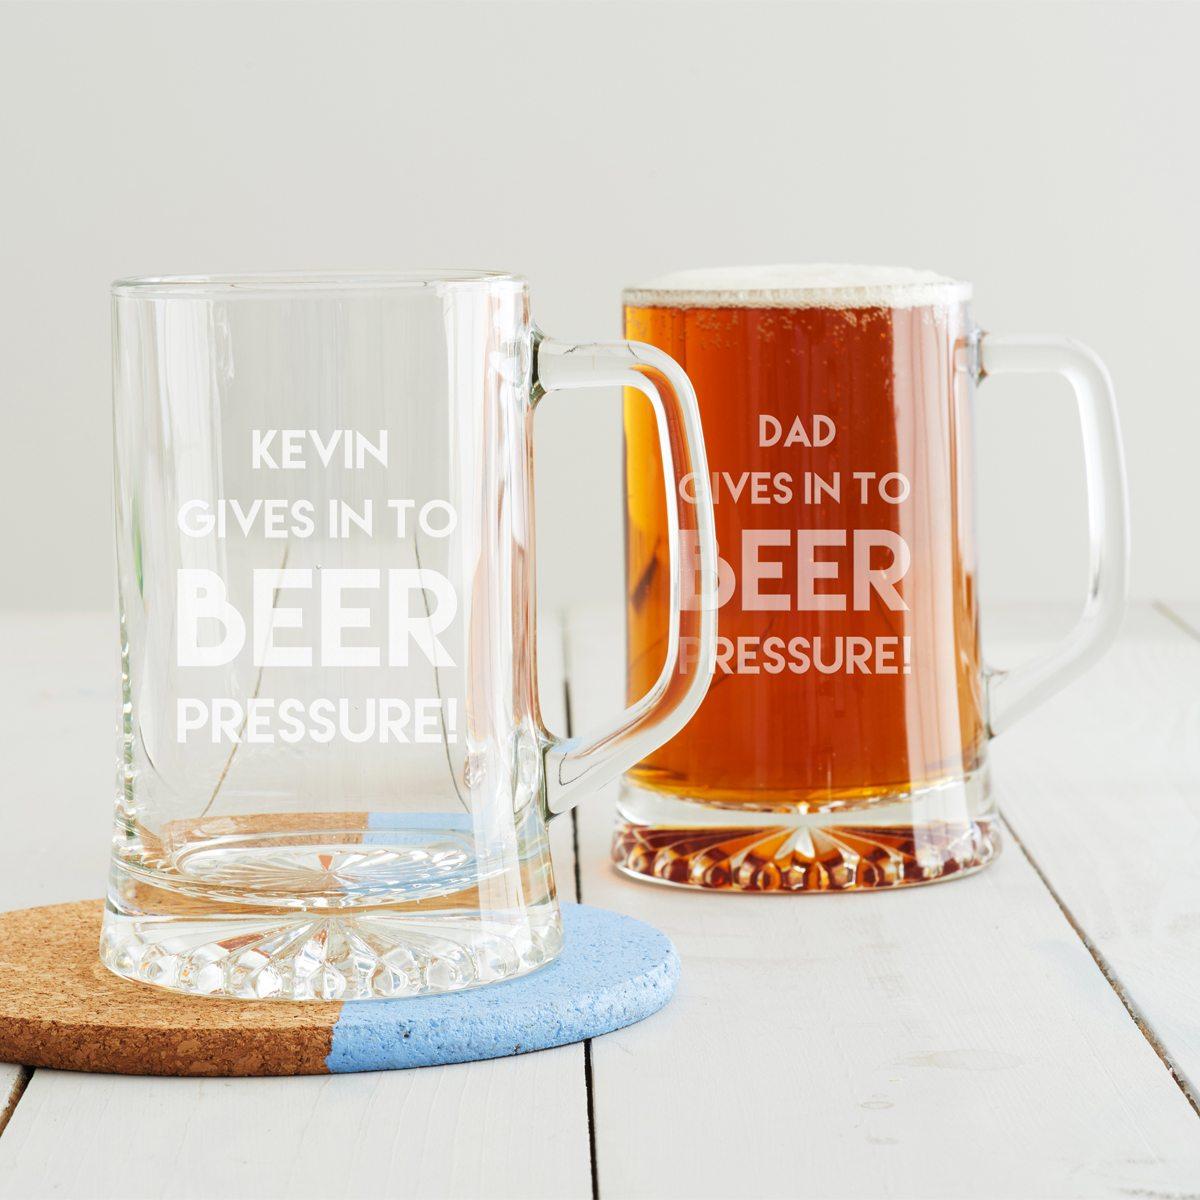 Personalised 'Beer Pressure' Tankard